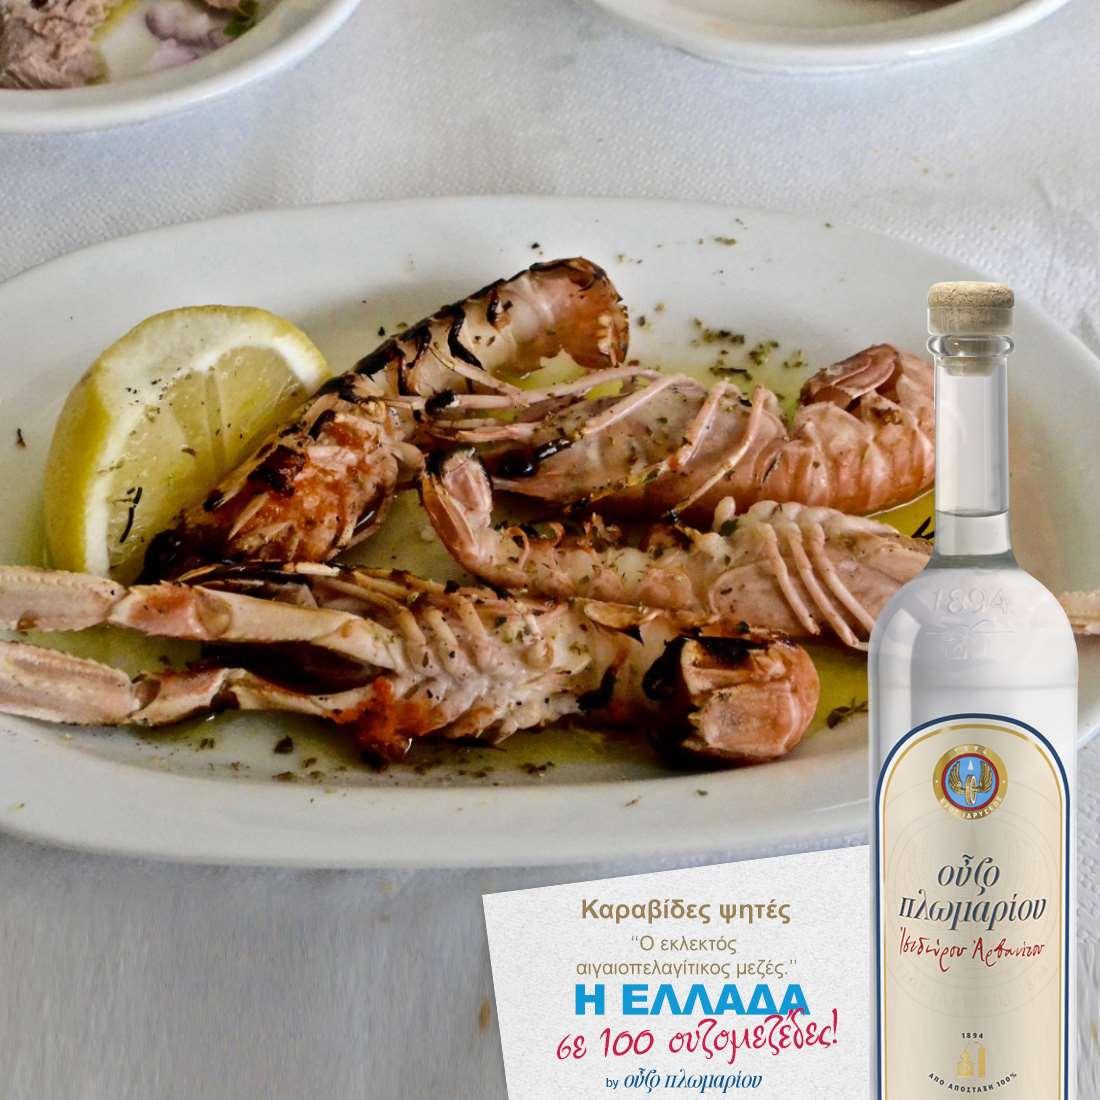 Καραβίδες ψητές Αιγαίου - Ουζομεζέδες - Greek Gastronomy Guide